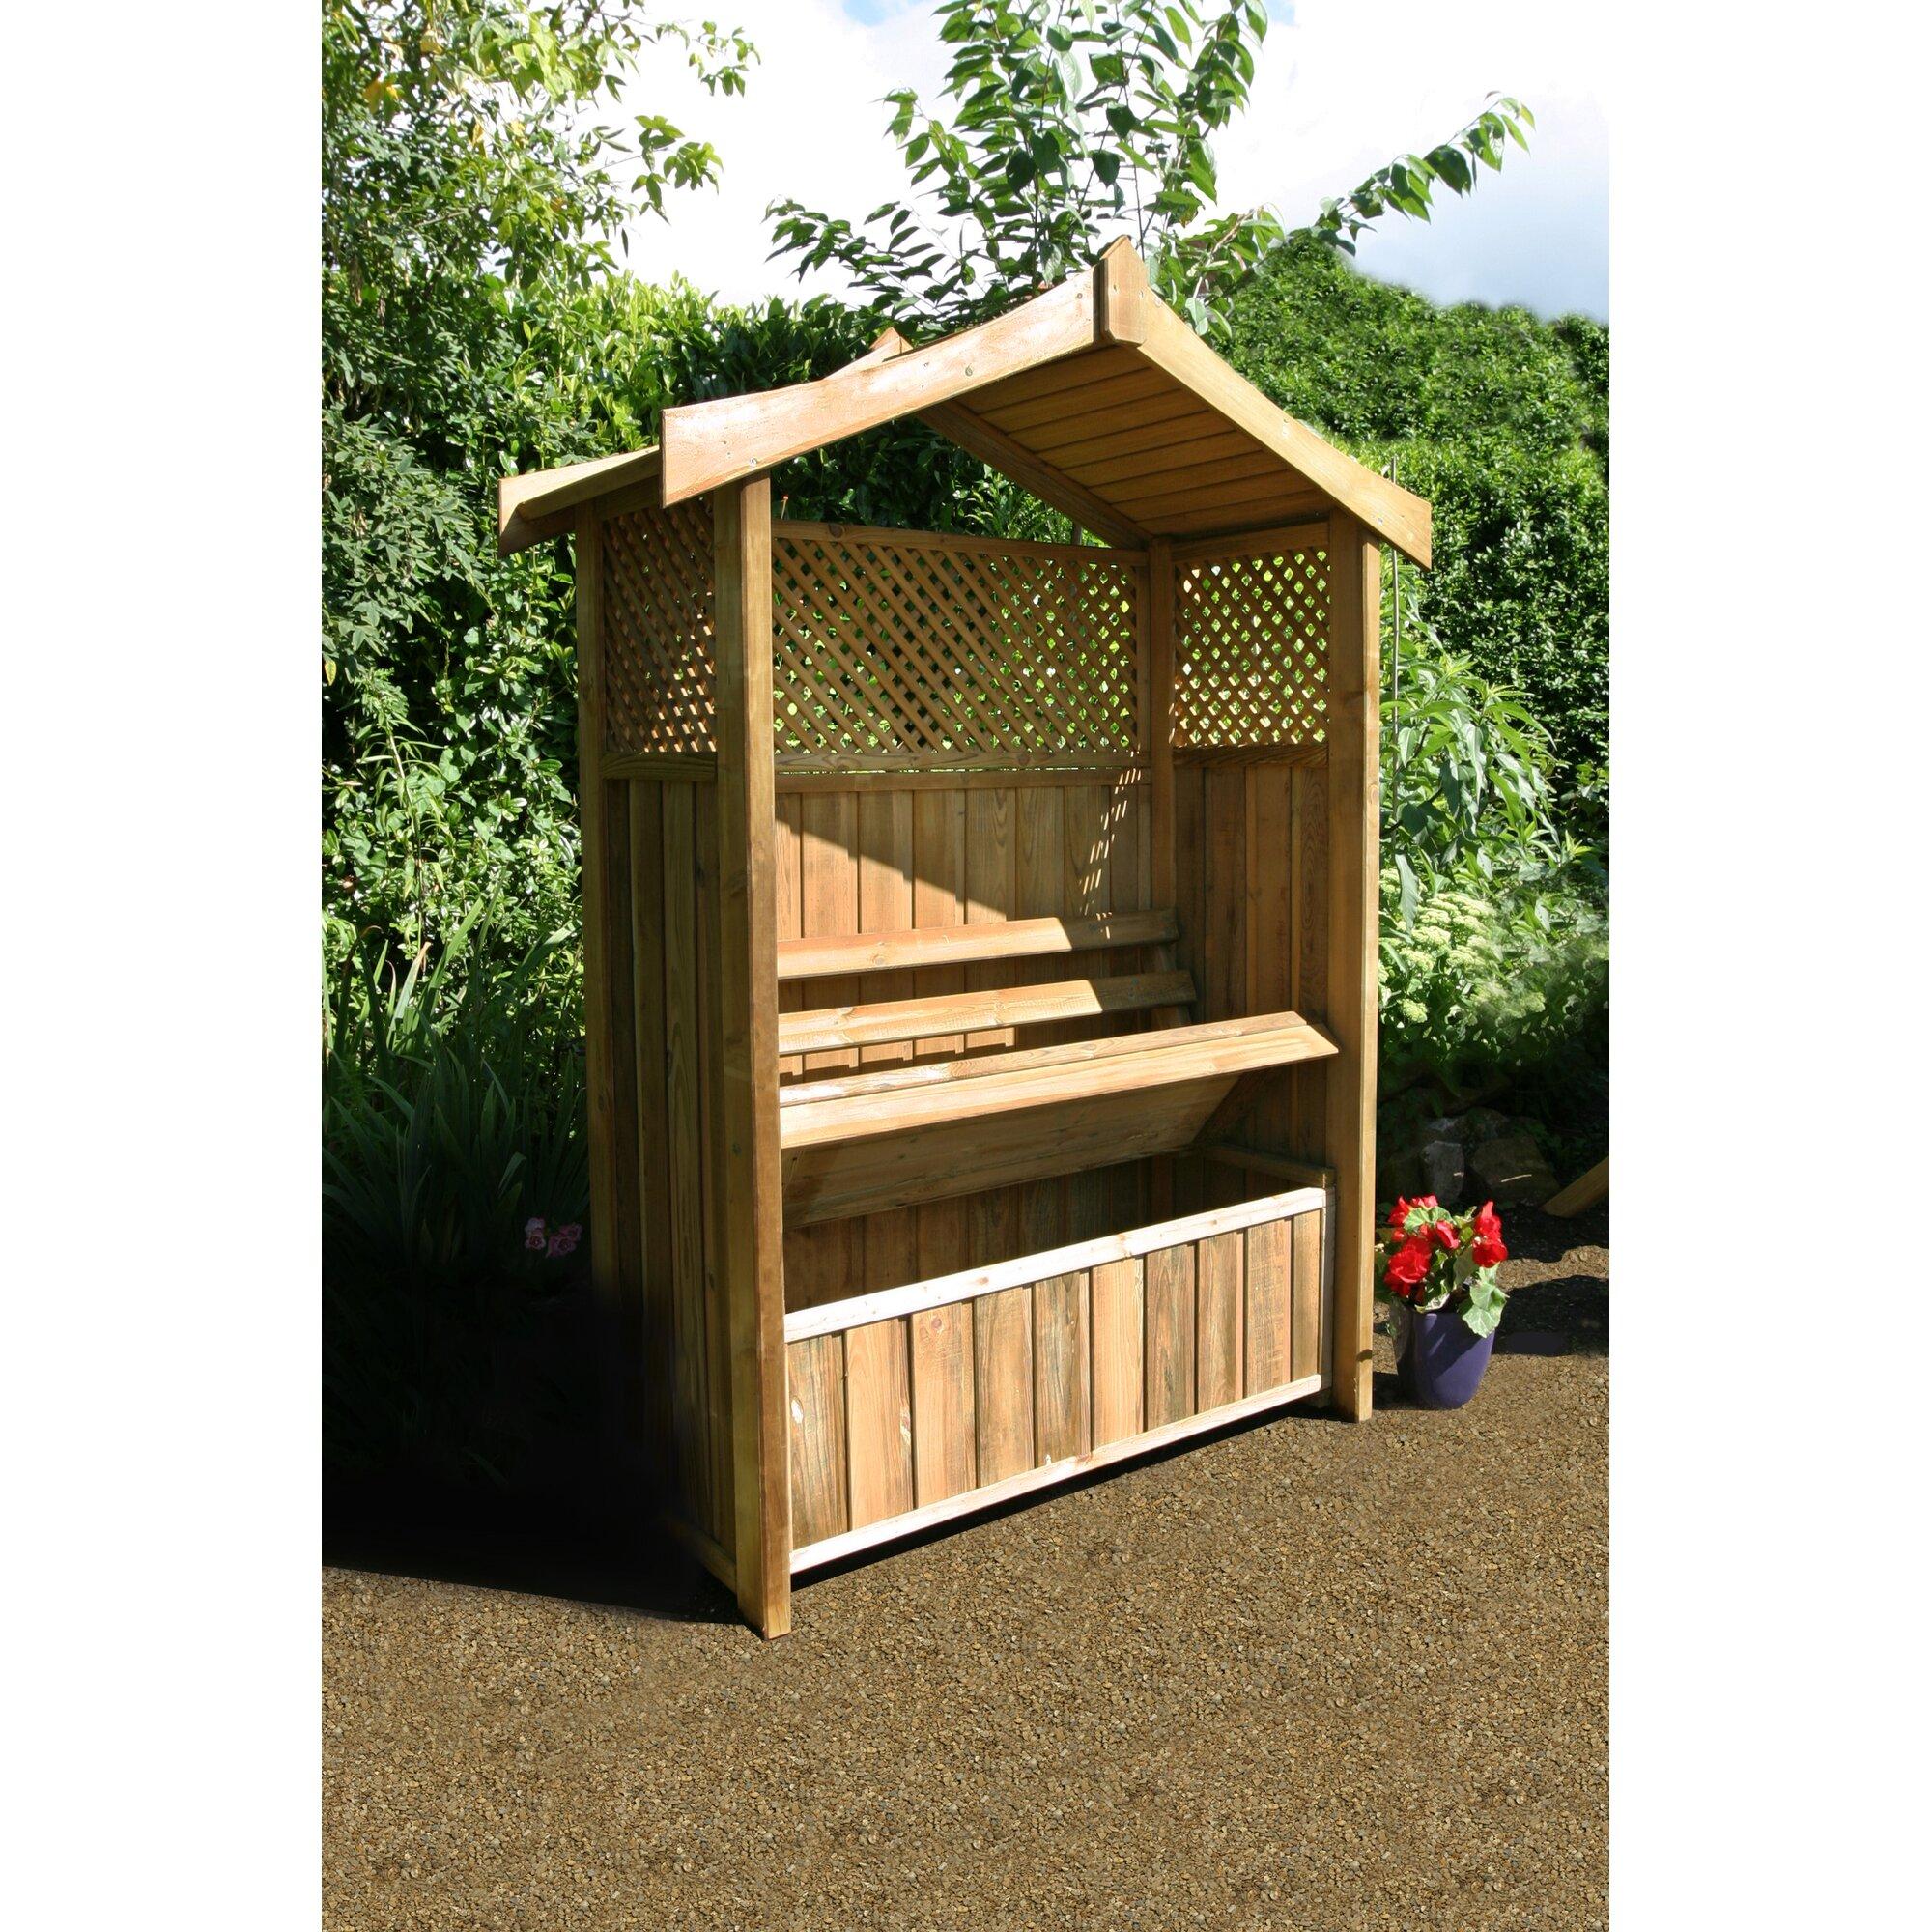 zest 4 leisure rosenbogen dorset mit banktruhe aus holz. Black Bedroom Furniture Sets. Home Design Ideas